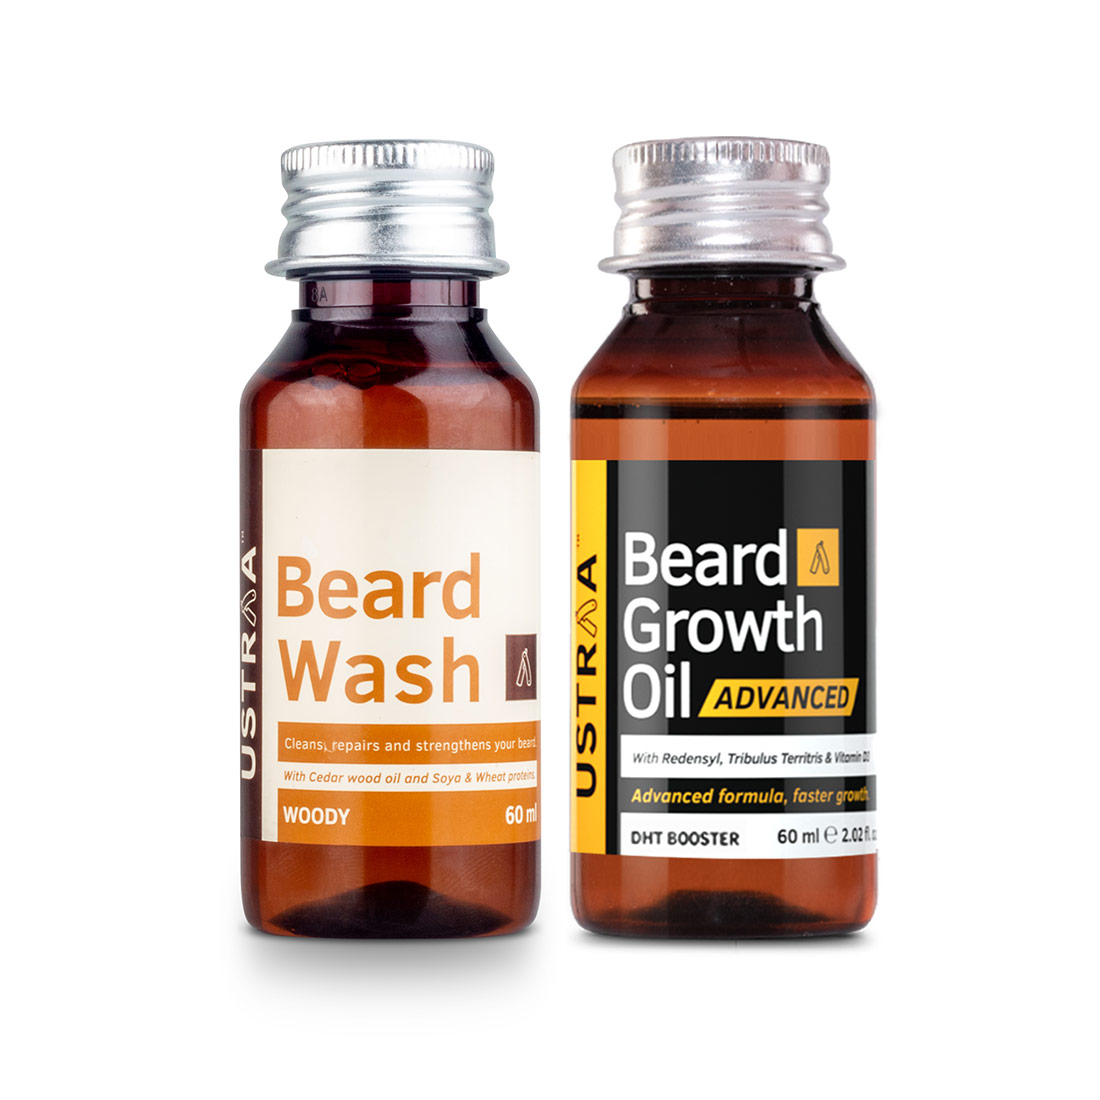 Ustraa | Ustraa Beard Growth Oil Advanced - 60ml and Beard Wash Woody - 60ml